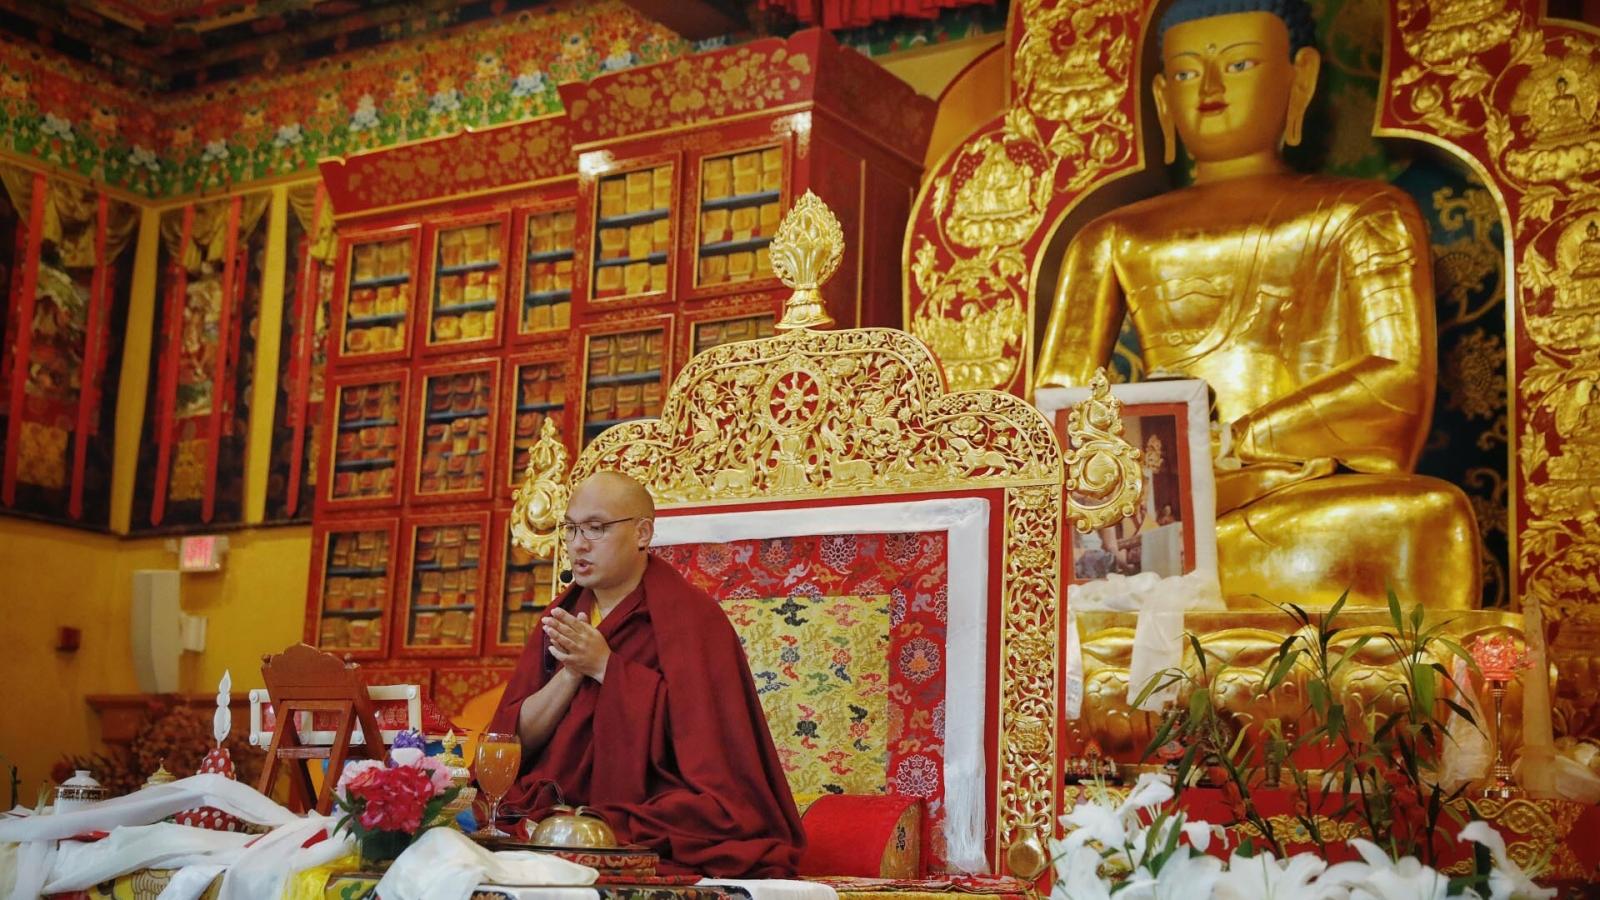 The Karmapa attending a Karma Pakshi ganachakra at KTD